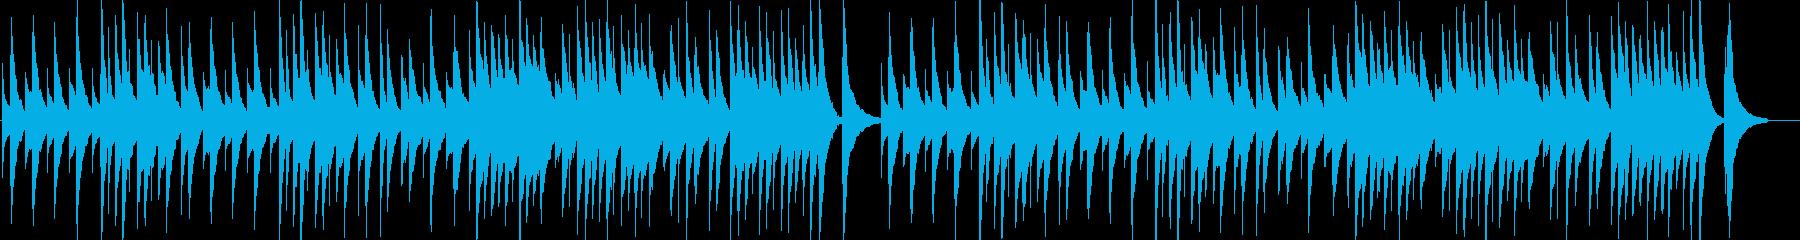 ジムノペディ第1番のオルゴール音源の再生済みの波形